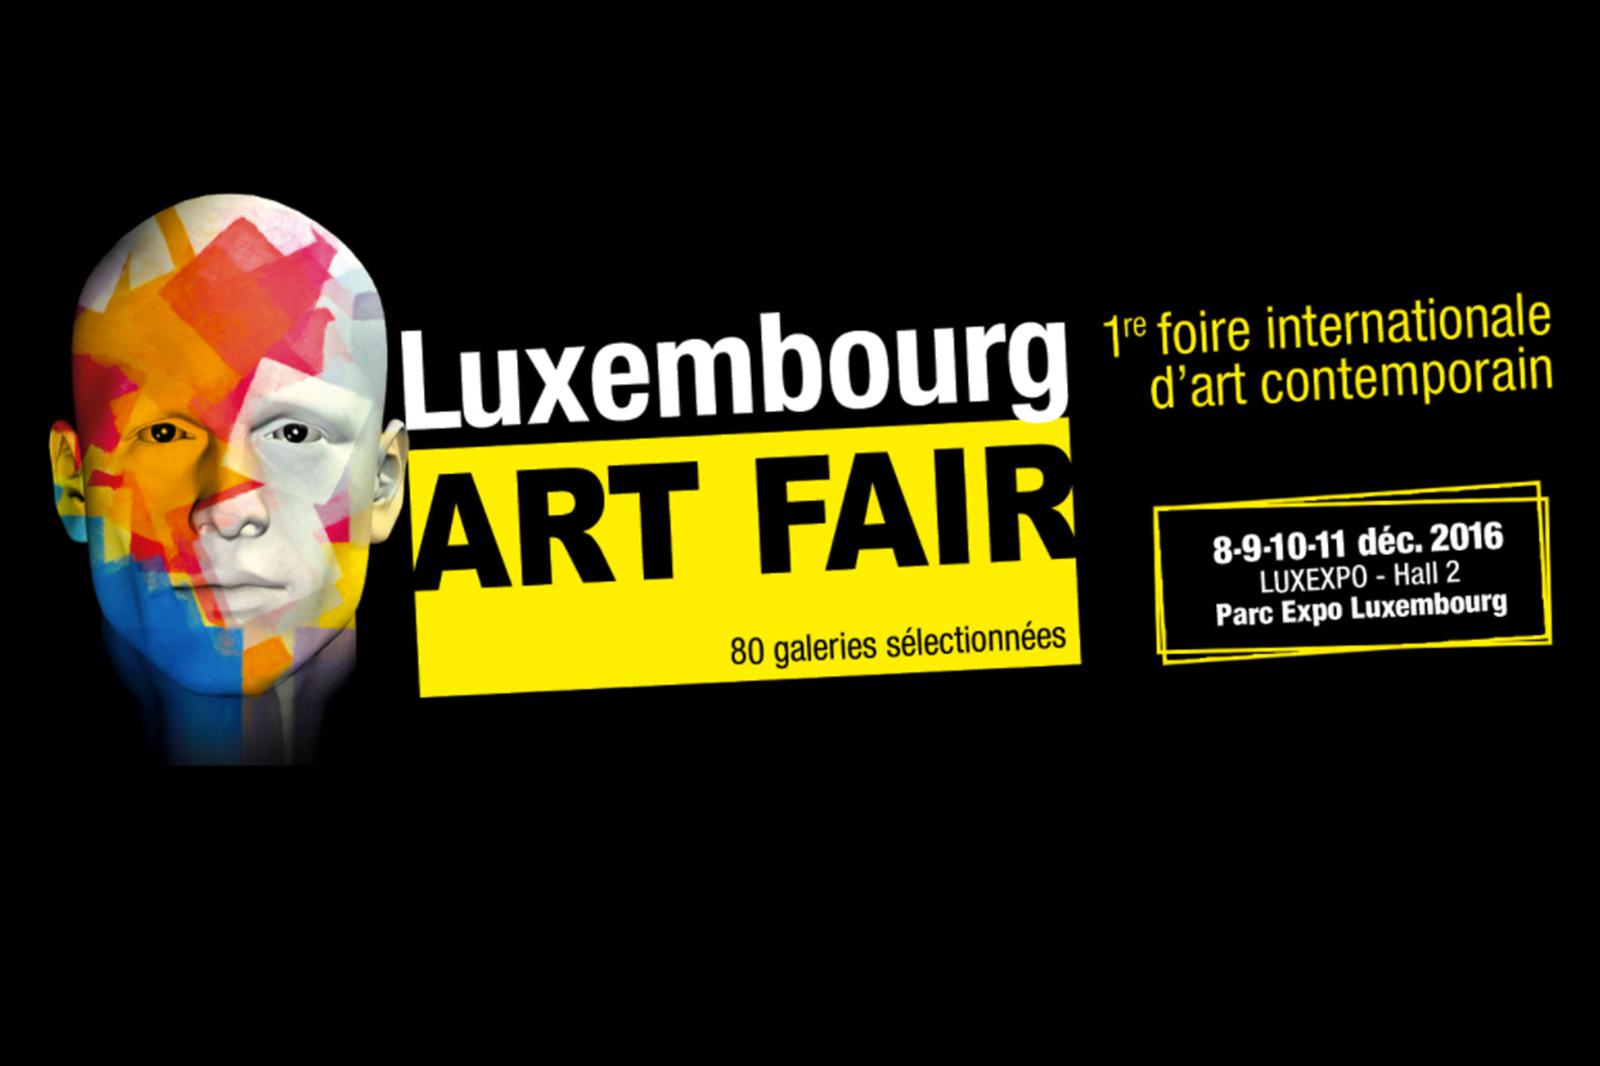 3000 oeuvres contemporaines pour l'exposition internationale Luxembourg Art Fair